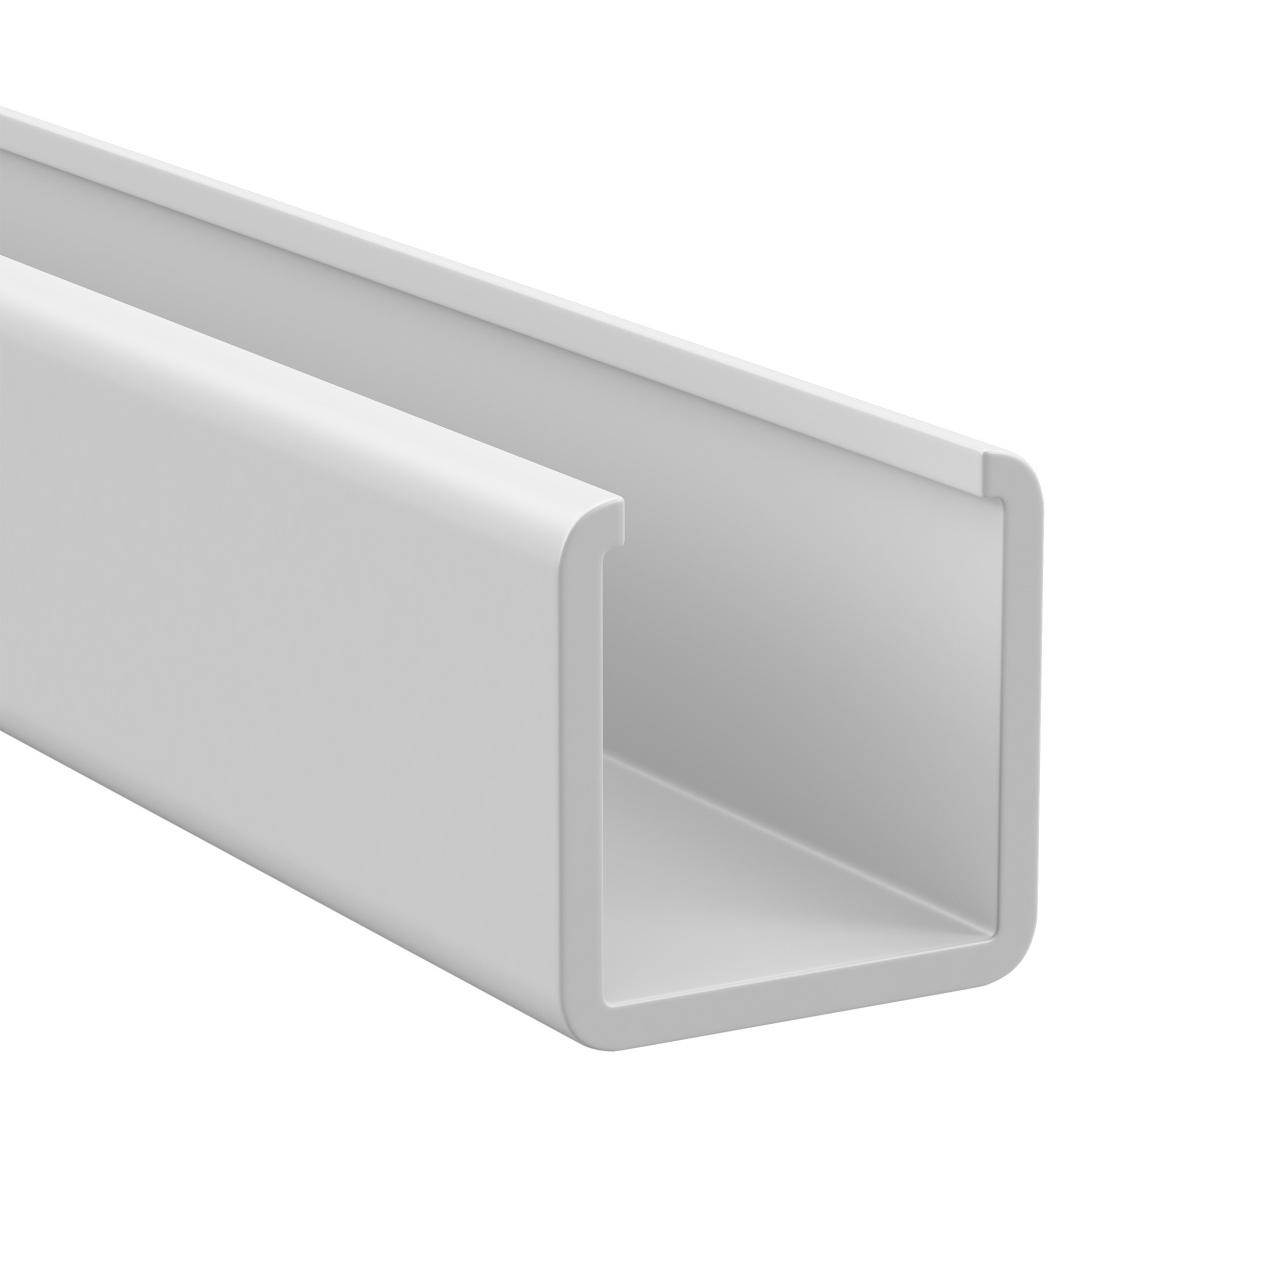 Профиль NEOLED для неоновой ленты, материал: пластик, 1шт=2м Lightstar 430192